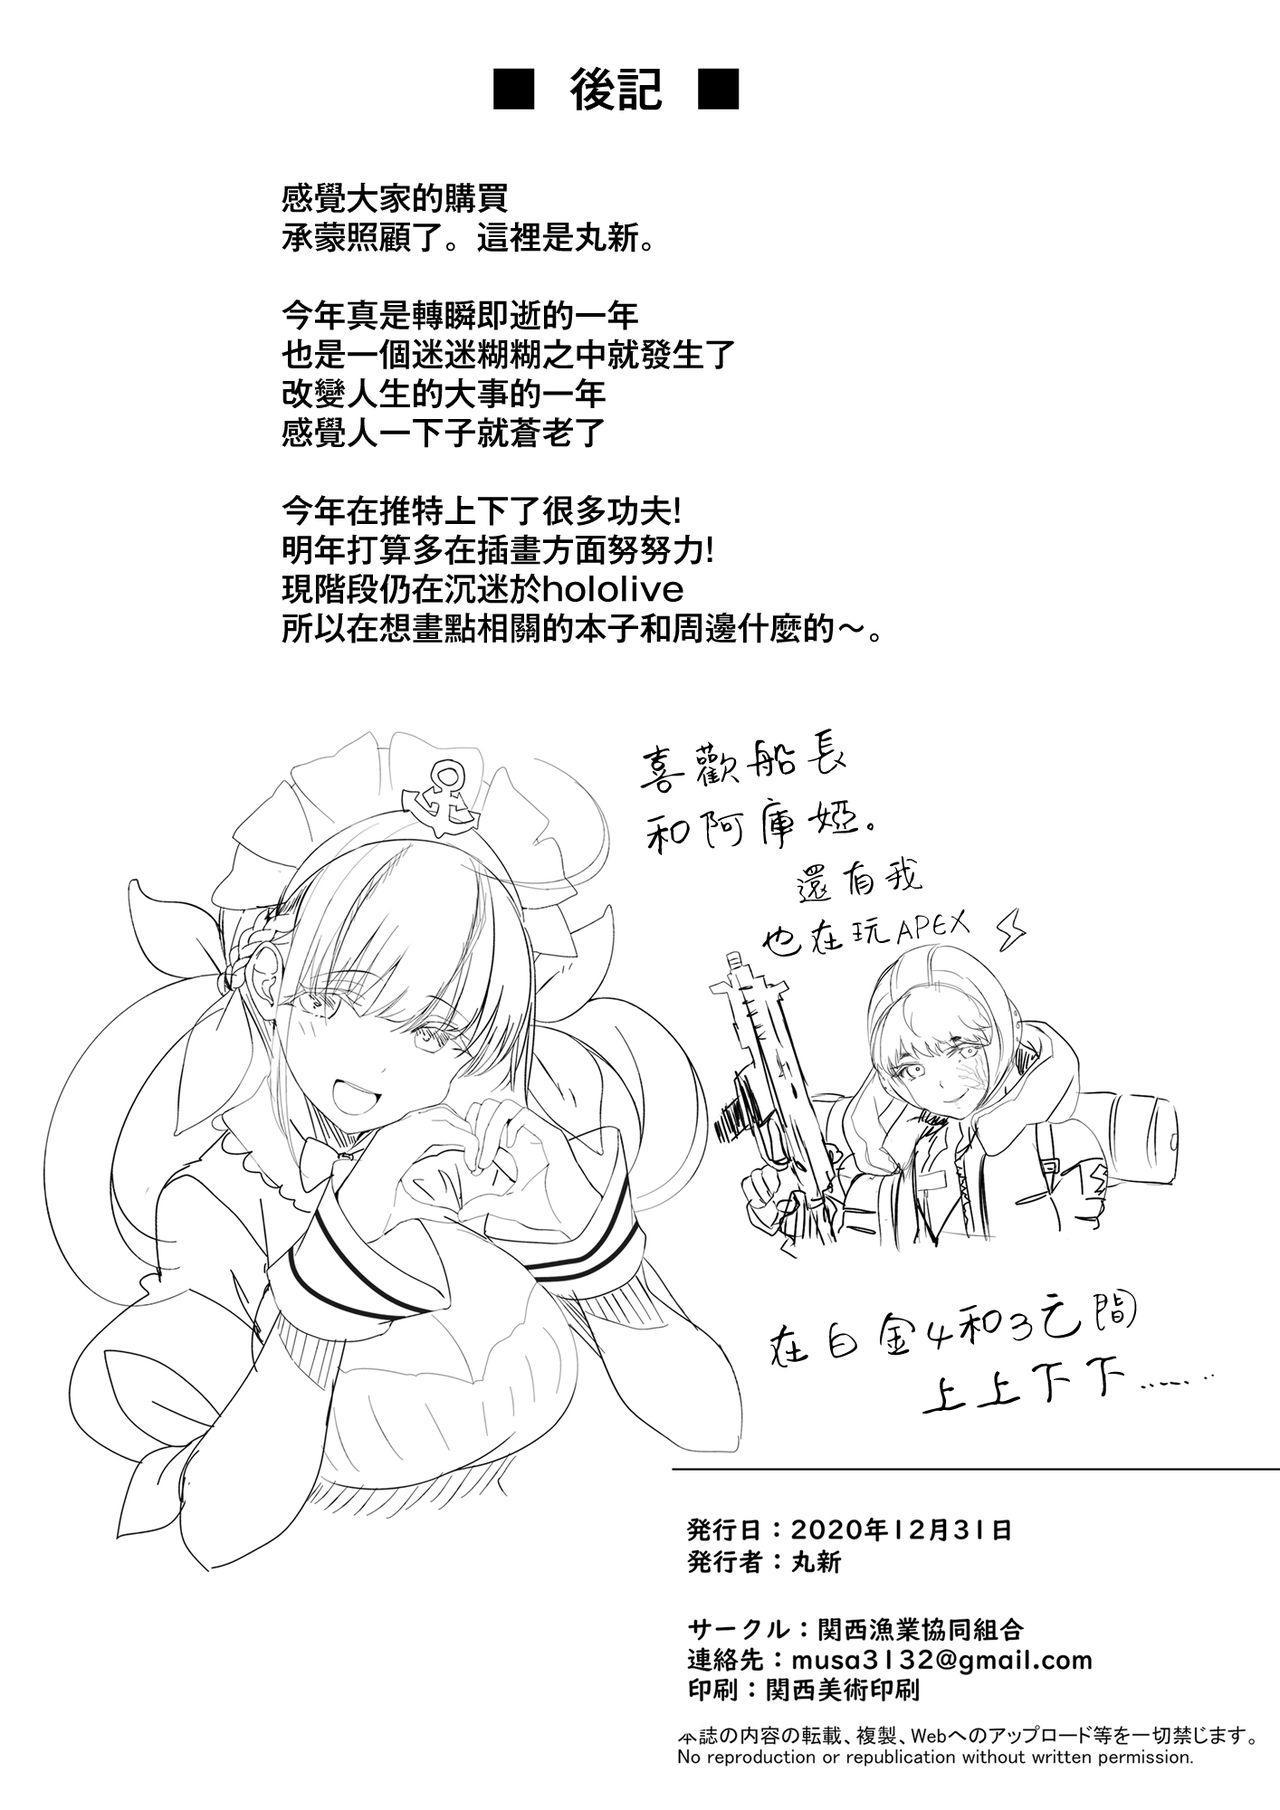 Koushinchou Volley-bu no Seisokei Kanojo ga Senpai no Mono ni Natte Shimau Ichibushijuu | 排球部的高個子清純系女友變成前輩的所有物的事情始末 42